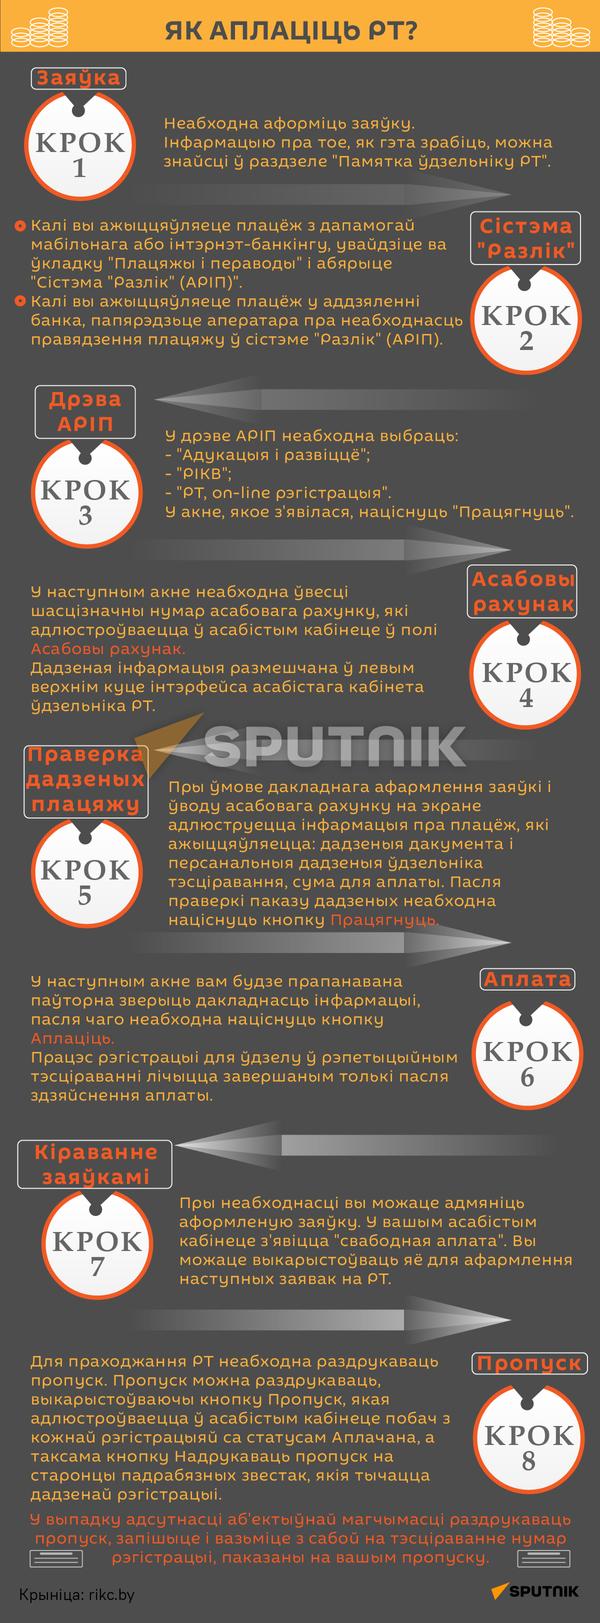 Рэпетыцыйнае тэсціраванне ў Беларусі 2 - Sputnik Беларусь